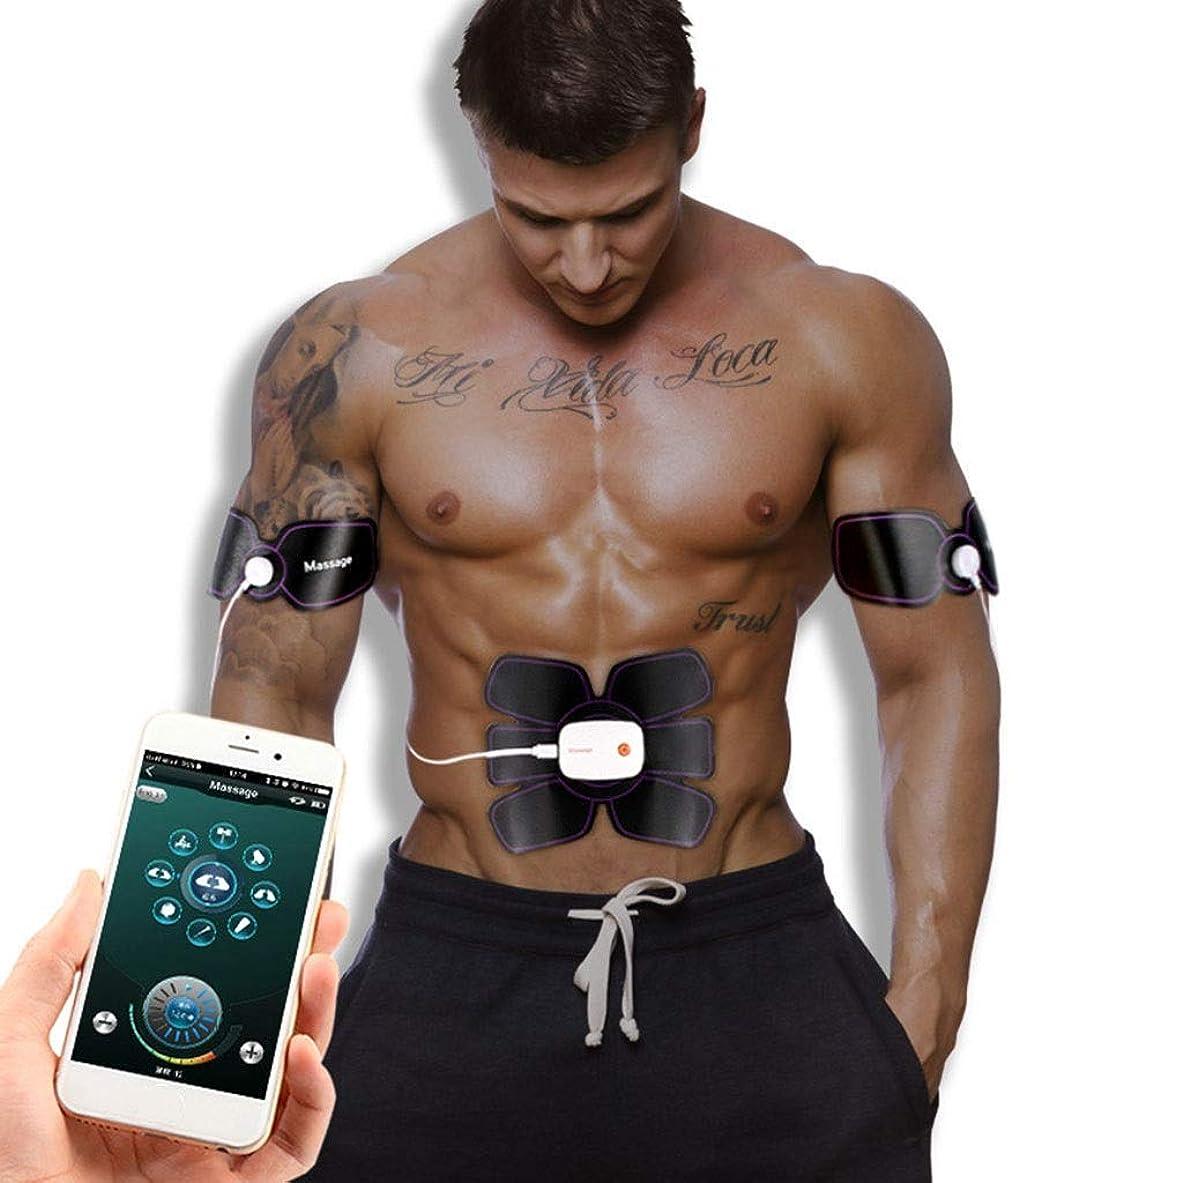 マートファイナンスセンチメンタル腹筋トレーナー、筋肉刺激装置、腹部調色ベルトEMS腹筋トレーナーボディフィットネストレーナージムトレーニングとホームフィットネス器具